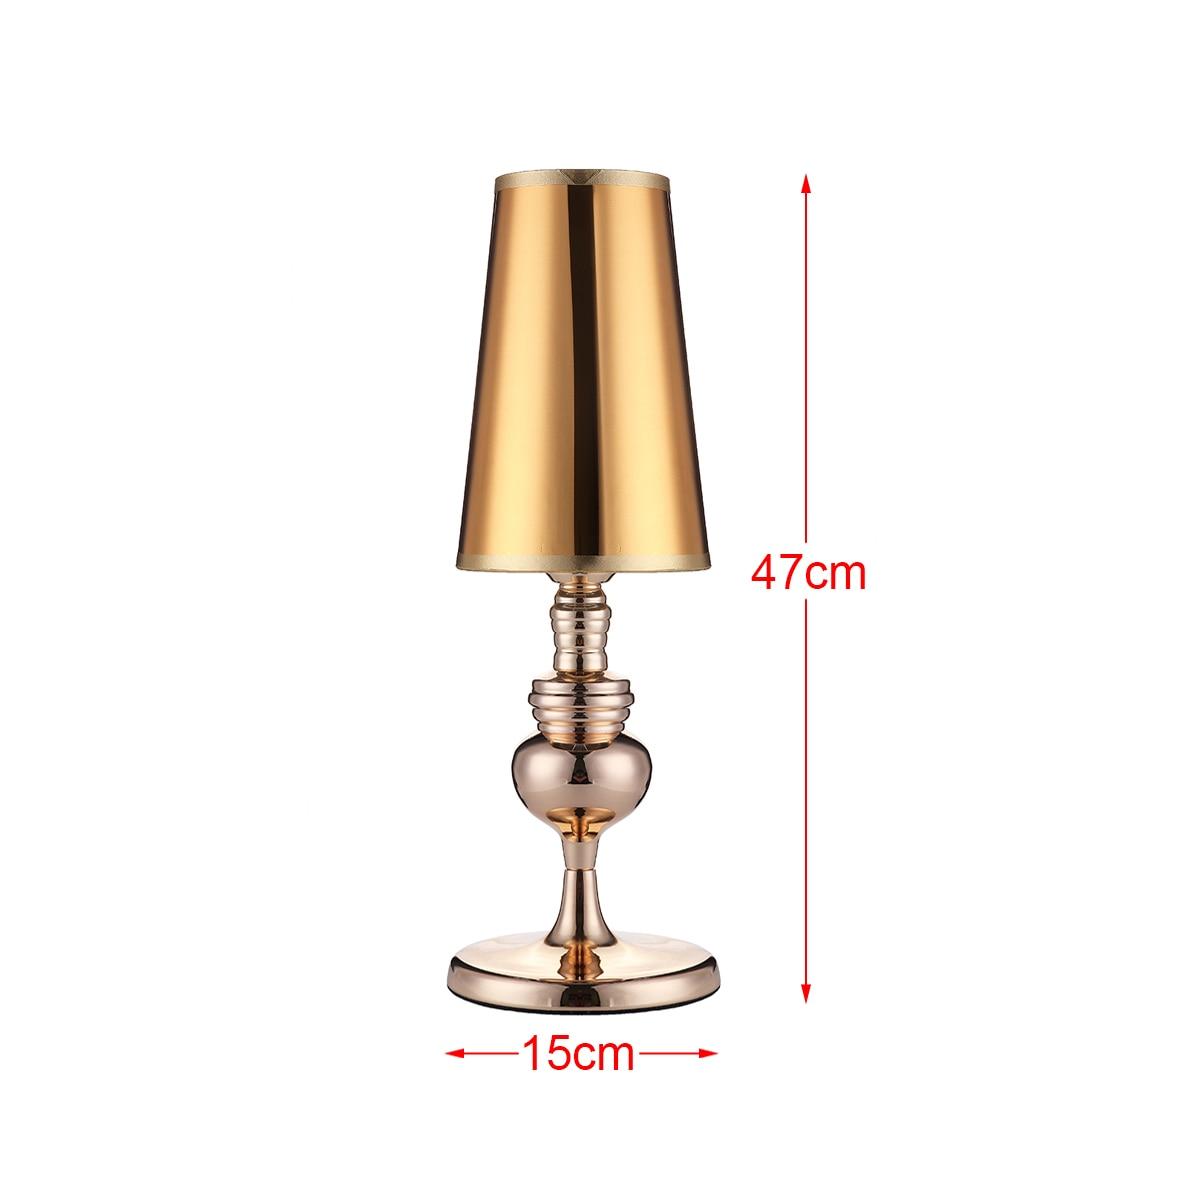 테이블 램프 홈 인테리어 선물 nightlight 현대 47 cm 높이 고광택 아트 침실 머리맡 램프 실내 거실 조명